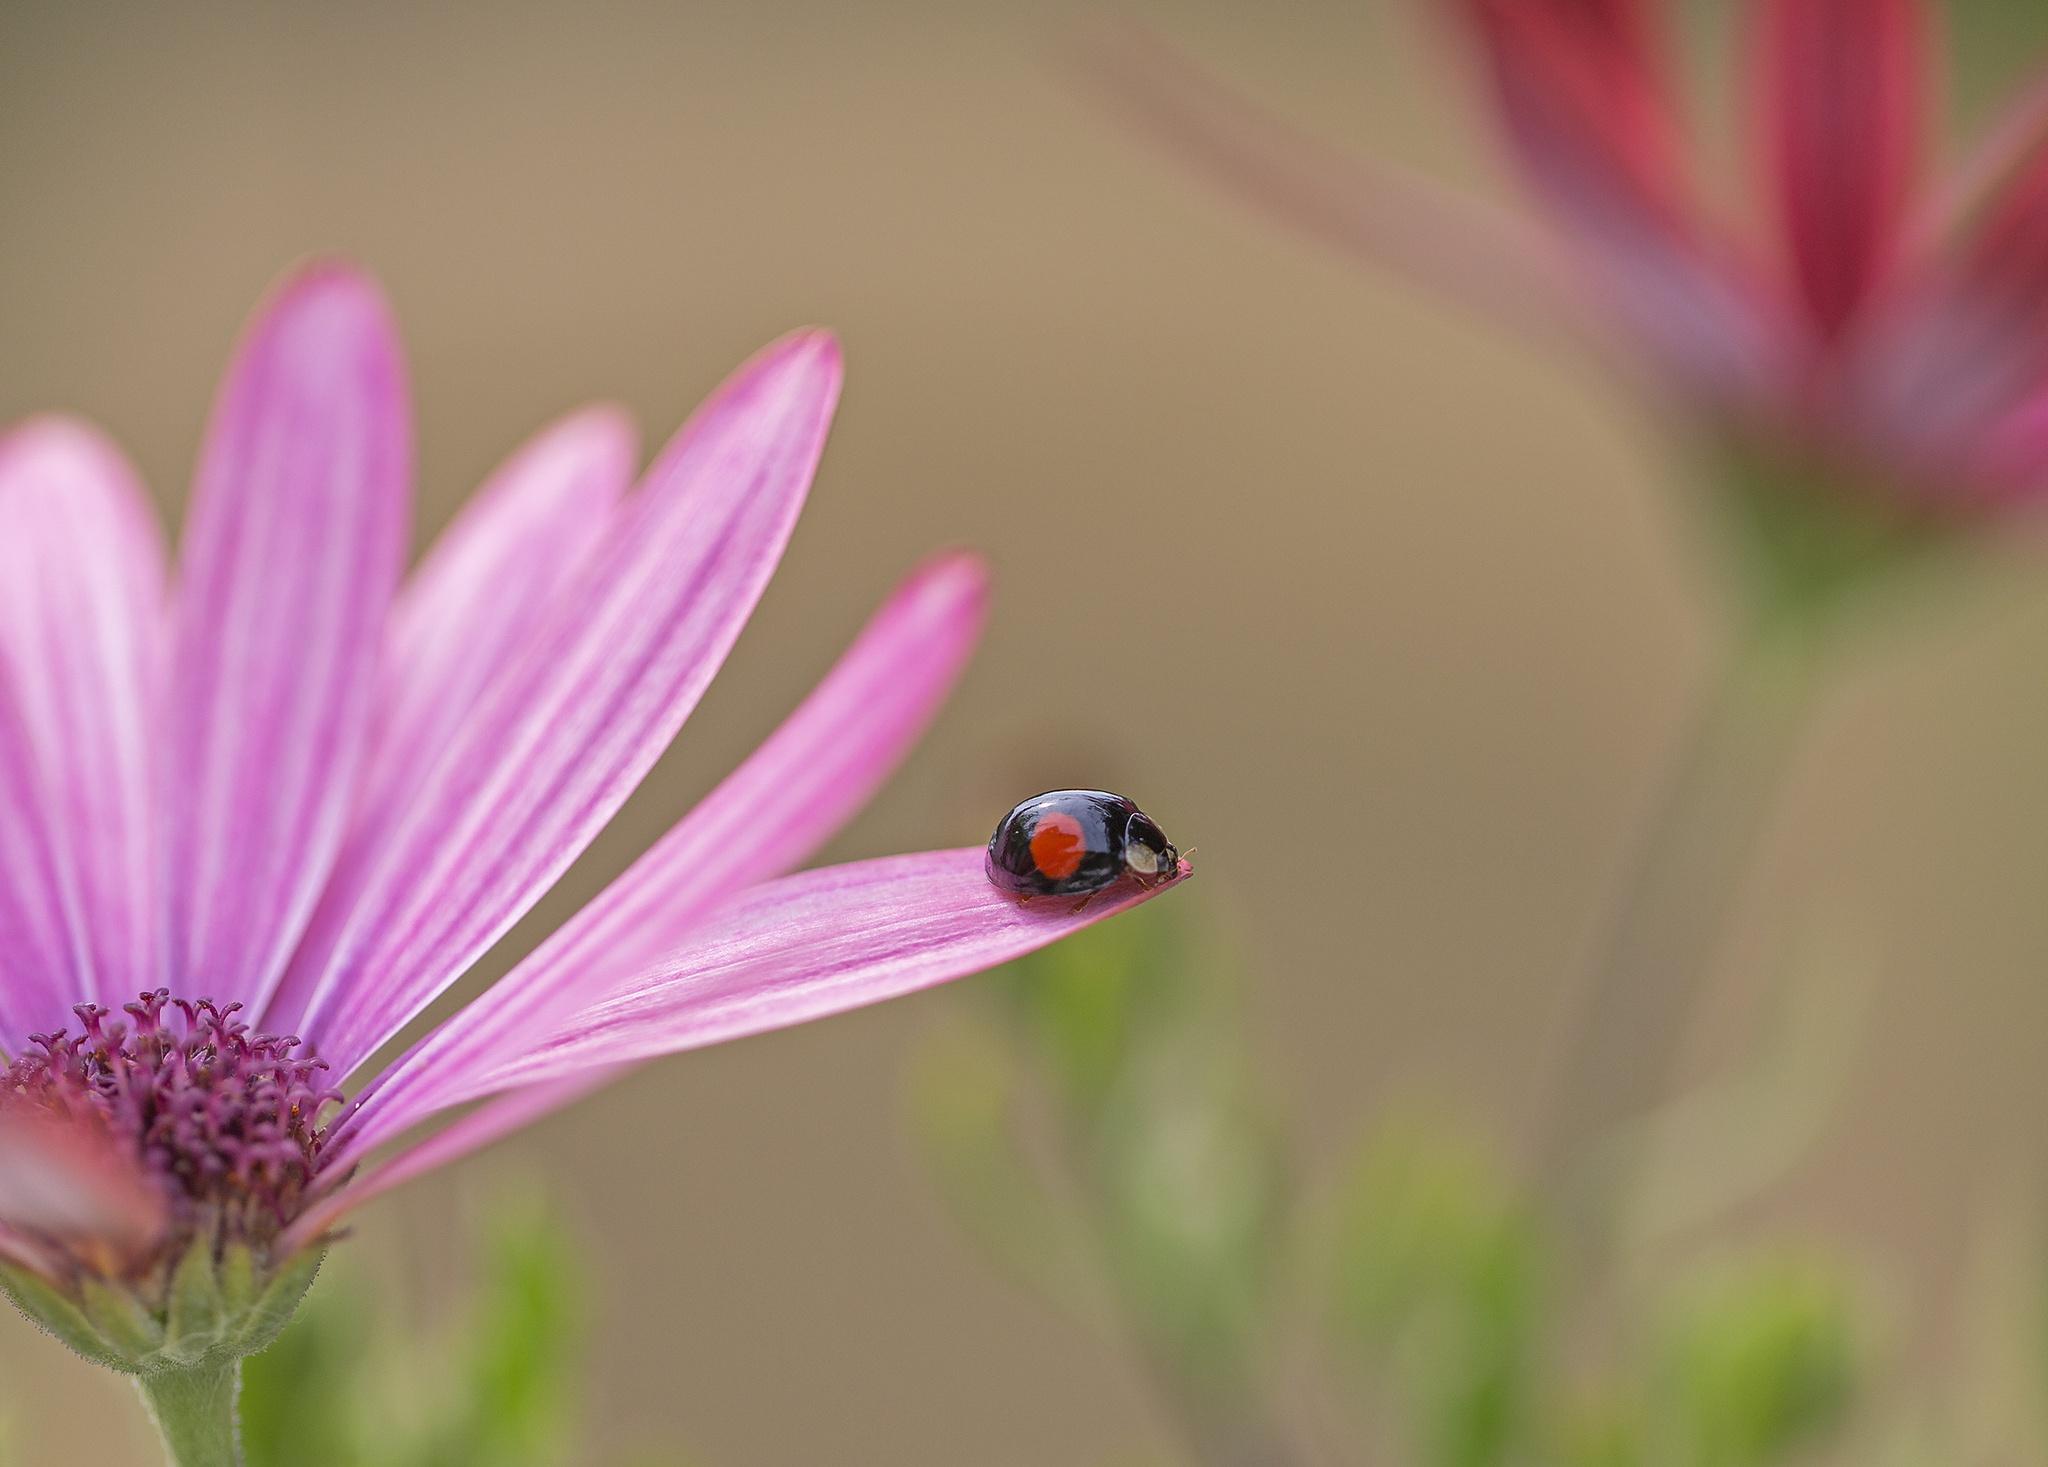 Ladybug by Hannie vd